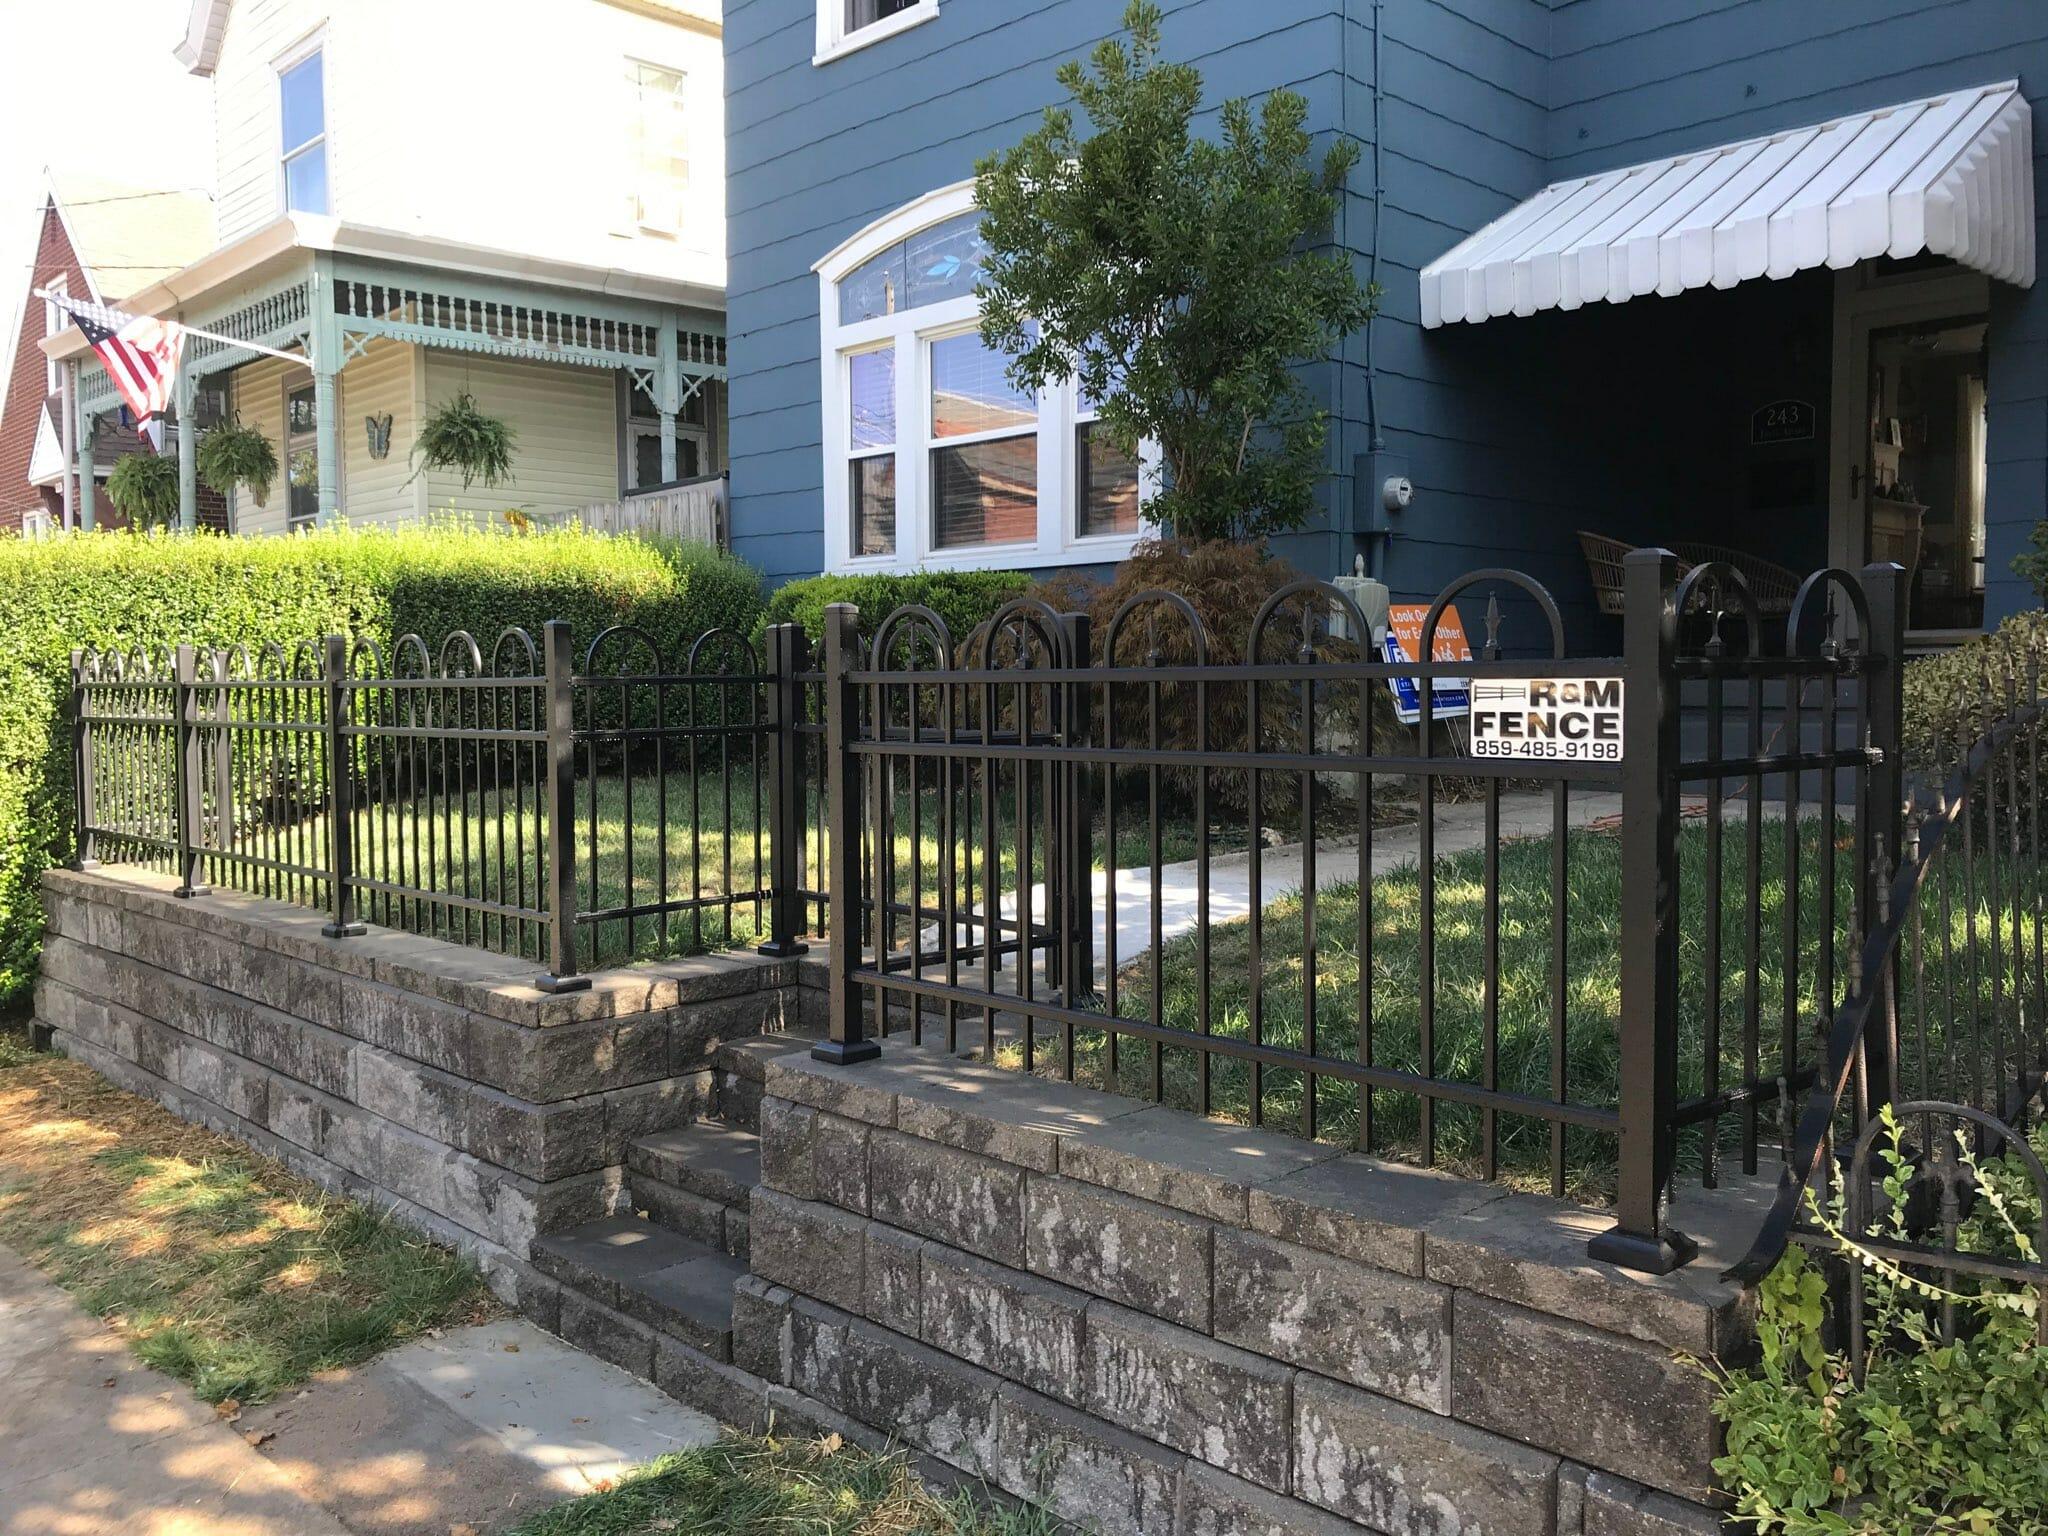 fence image